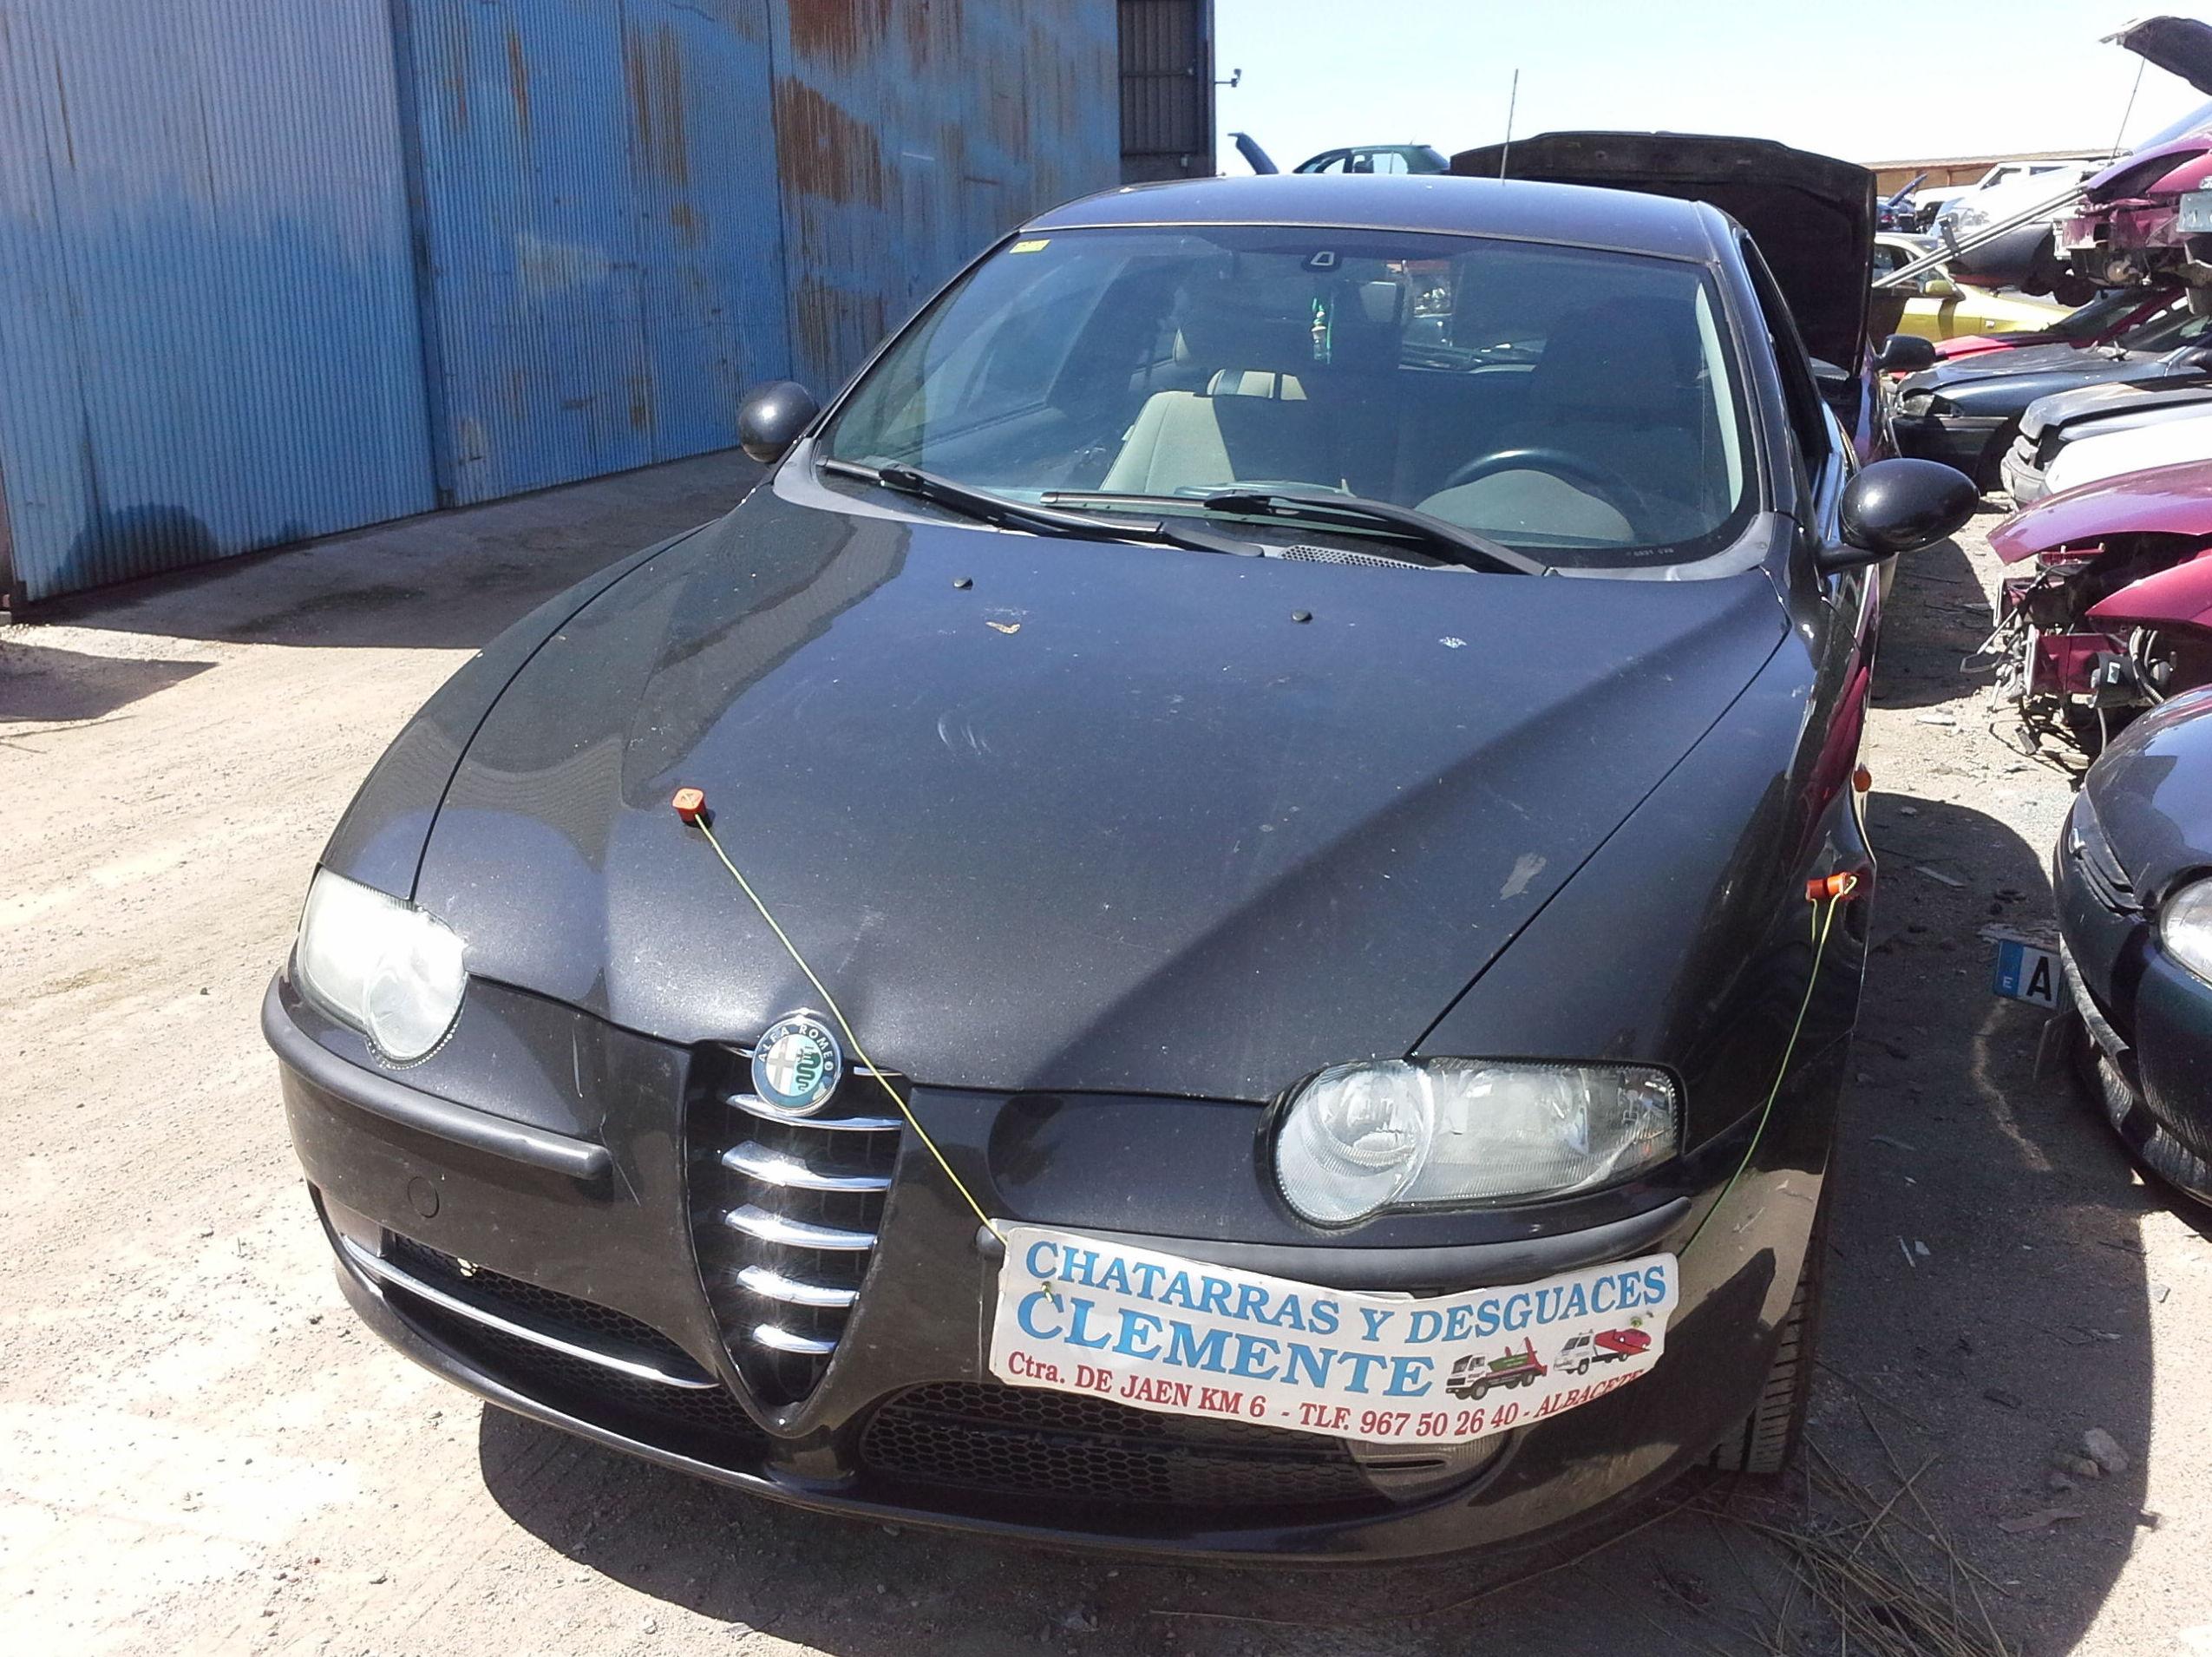 Alfa 147 año 2004 para desguace en desguaces clemente de albacete